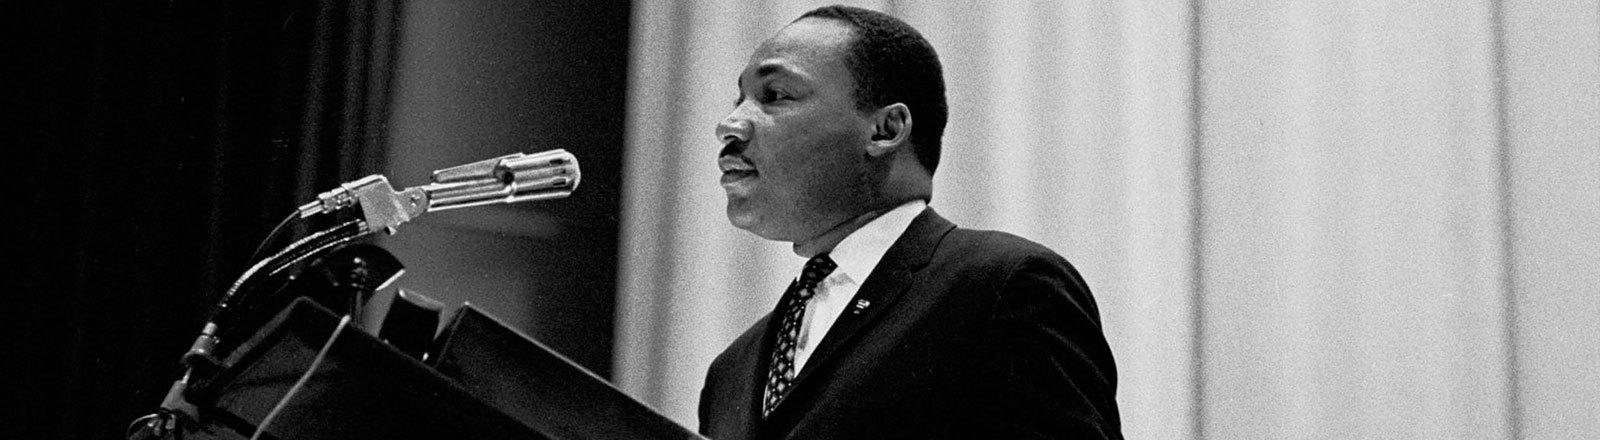 Martin Luther King an einem Rednerpult mit Mikrofon